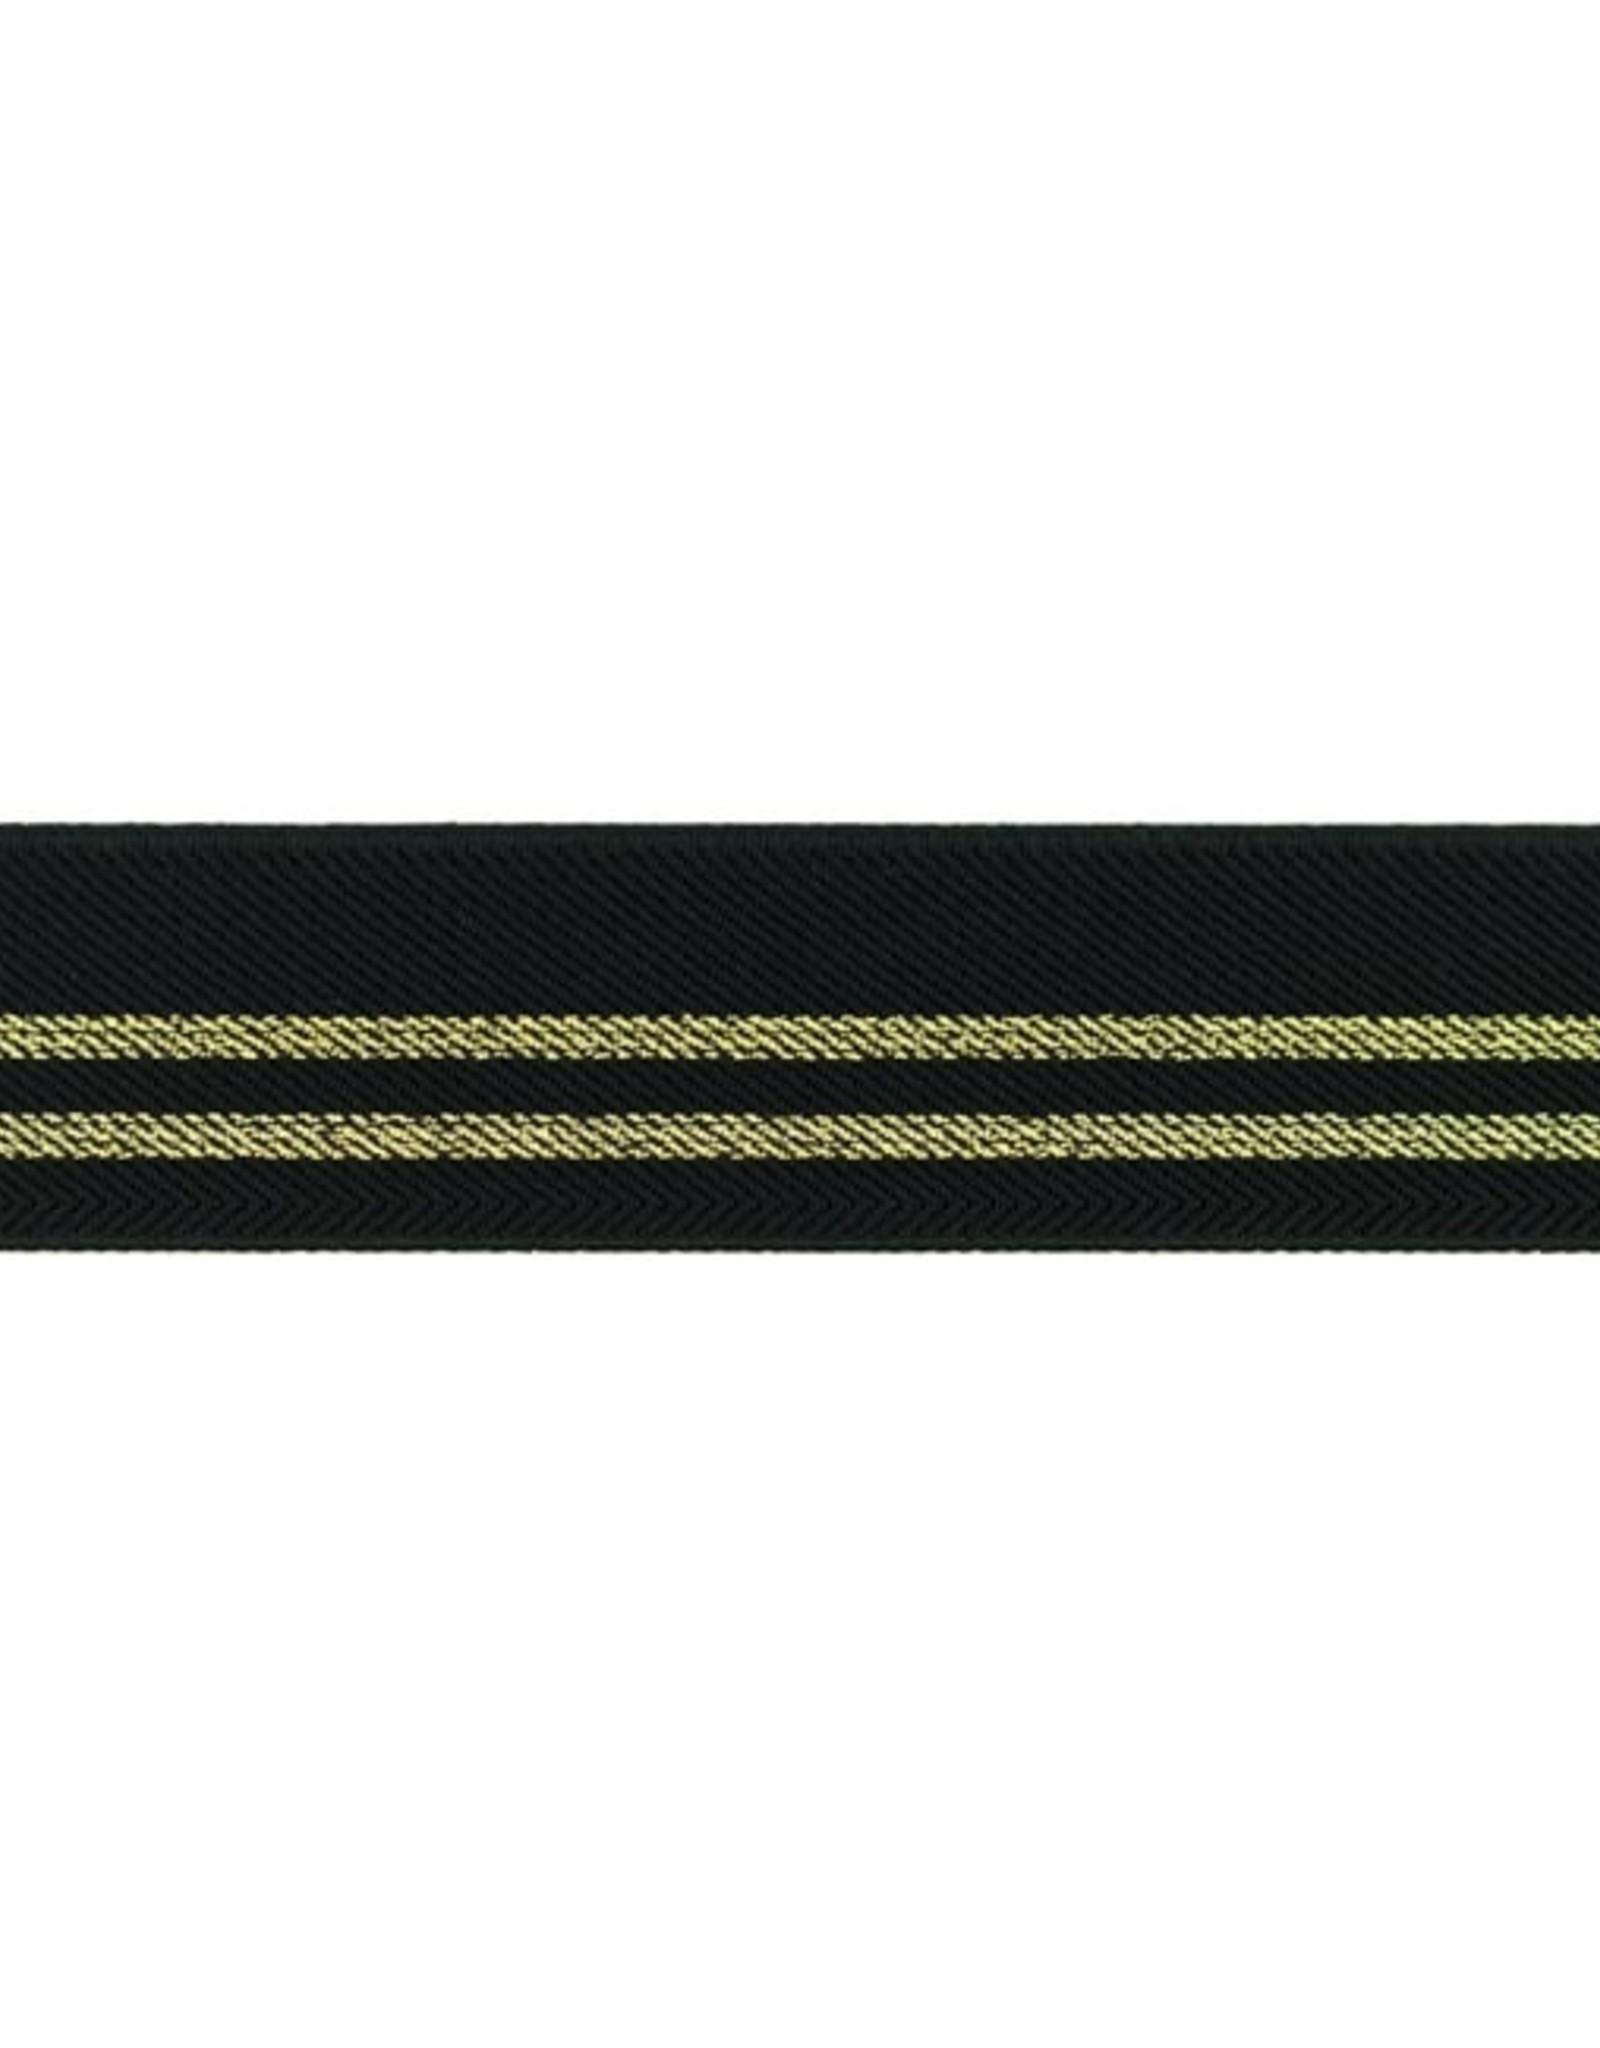 Elastiek zwart met 2 gouden lijnen 25mm